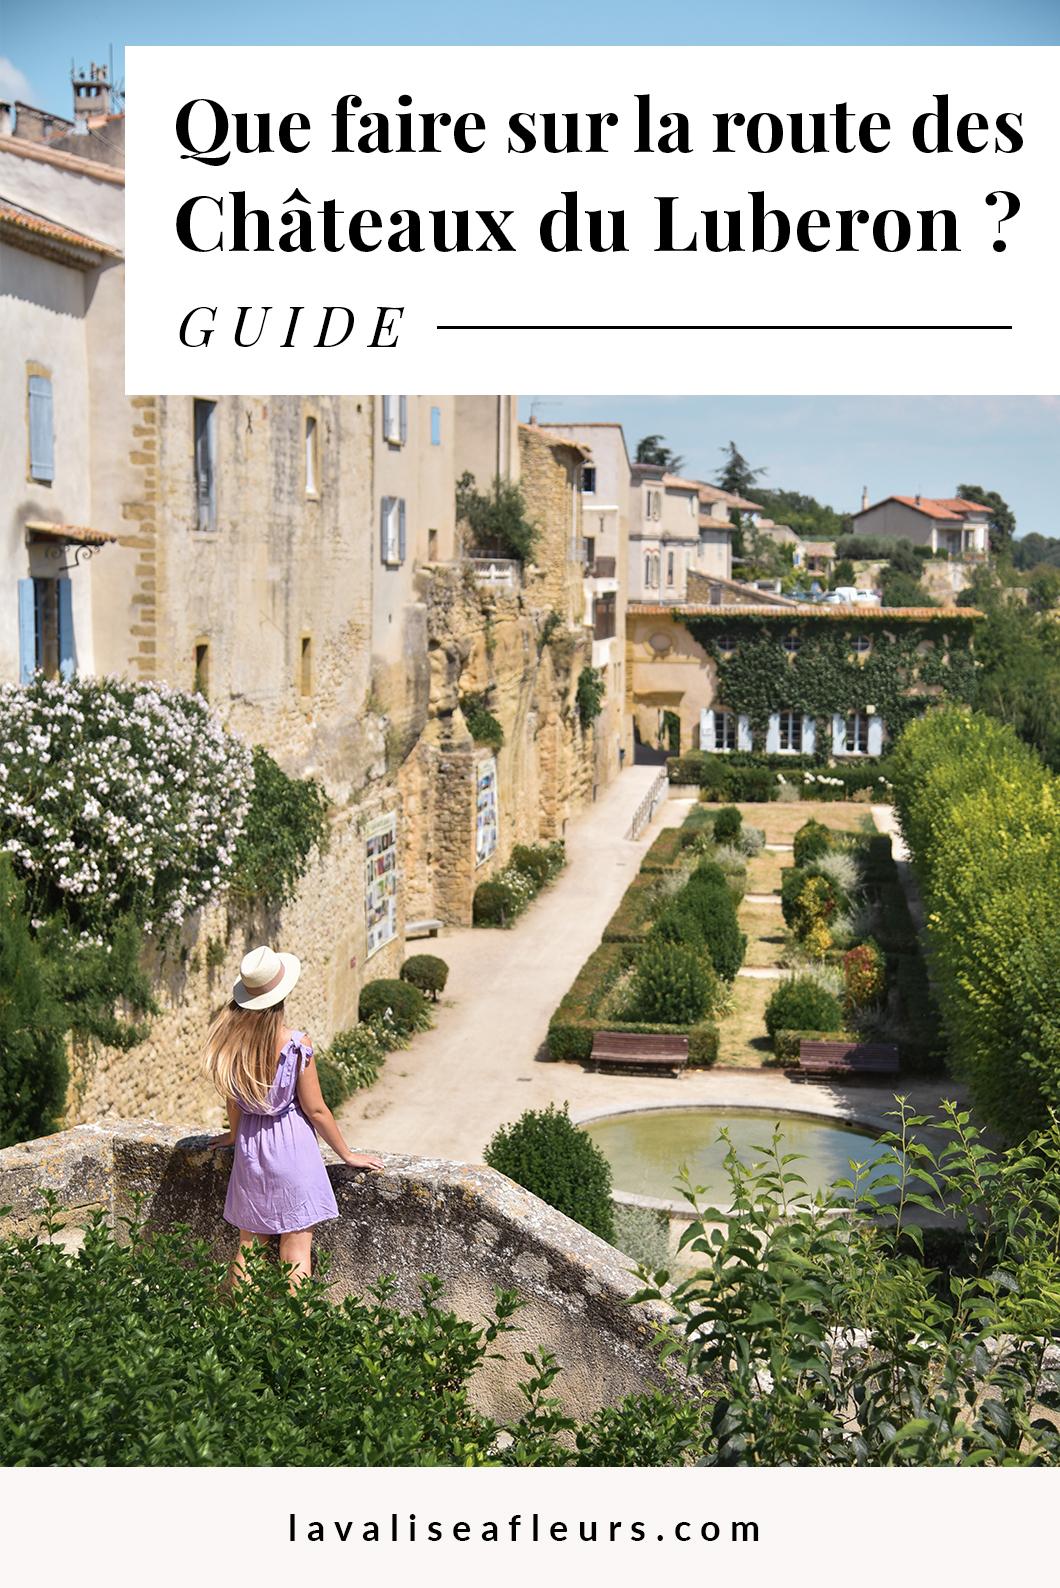 Que faire sur la route des châteaux du Luberon ? Le guide